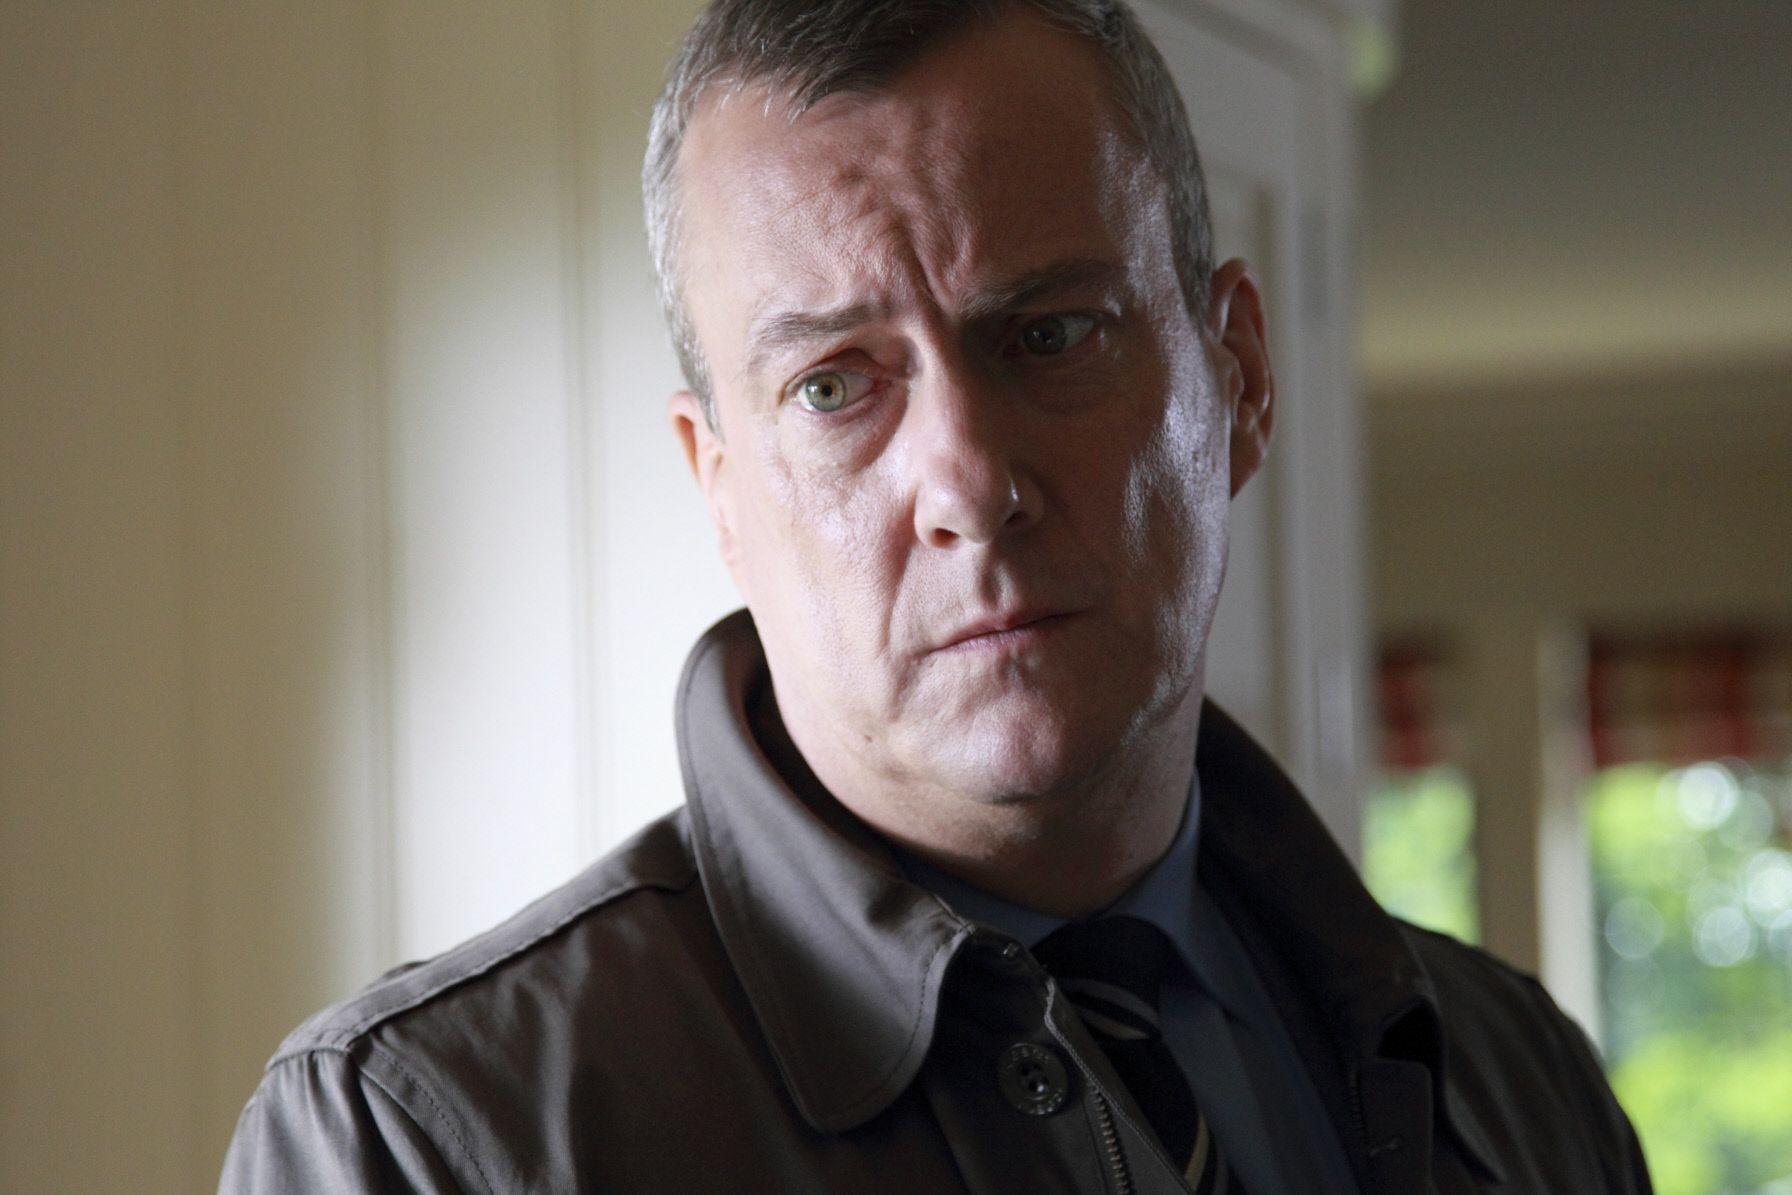 Inspector banks die letzte rechnung heute abend im zdf for Spiegel tv heute abend thema